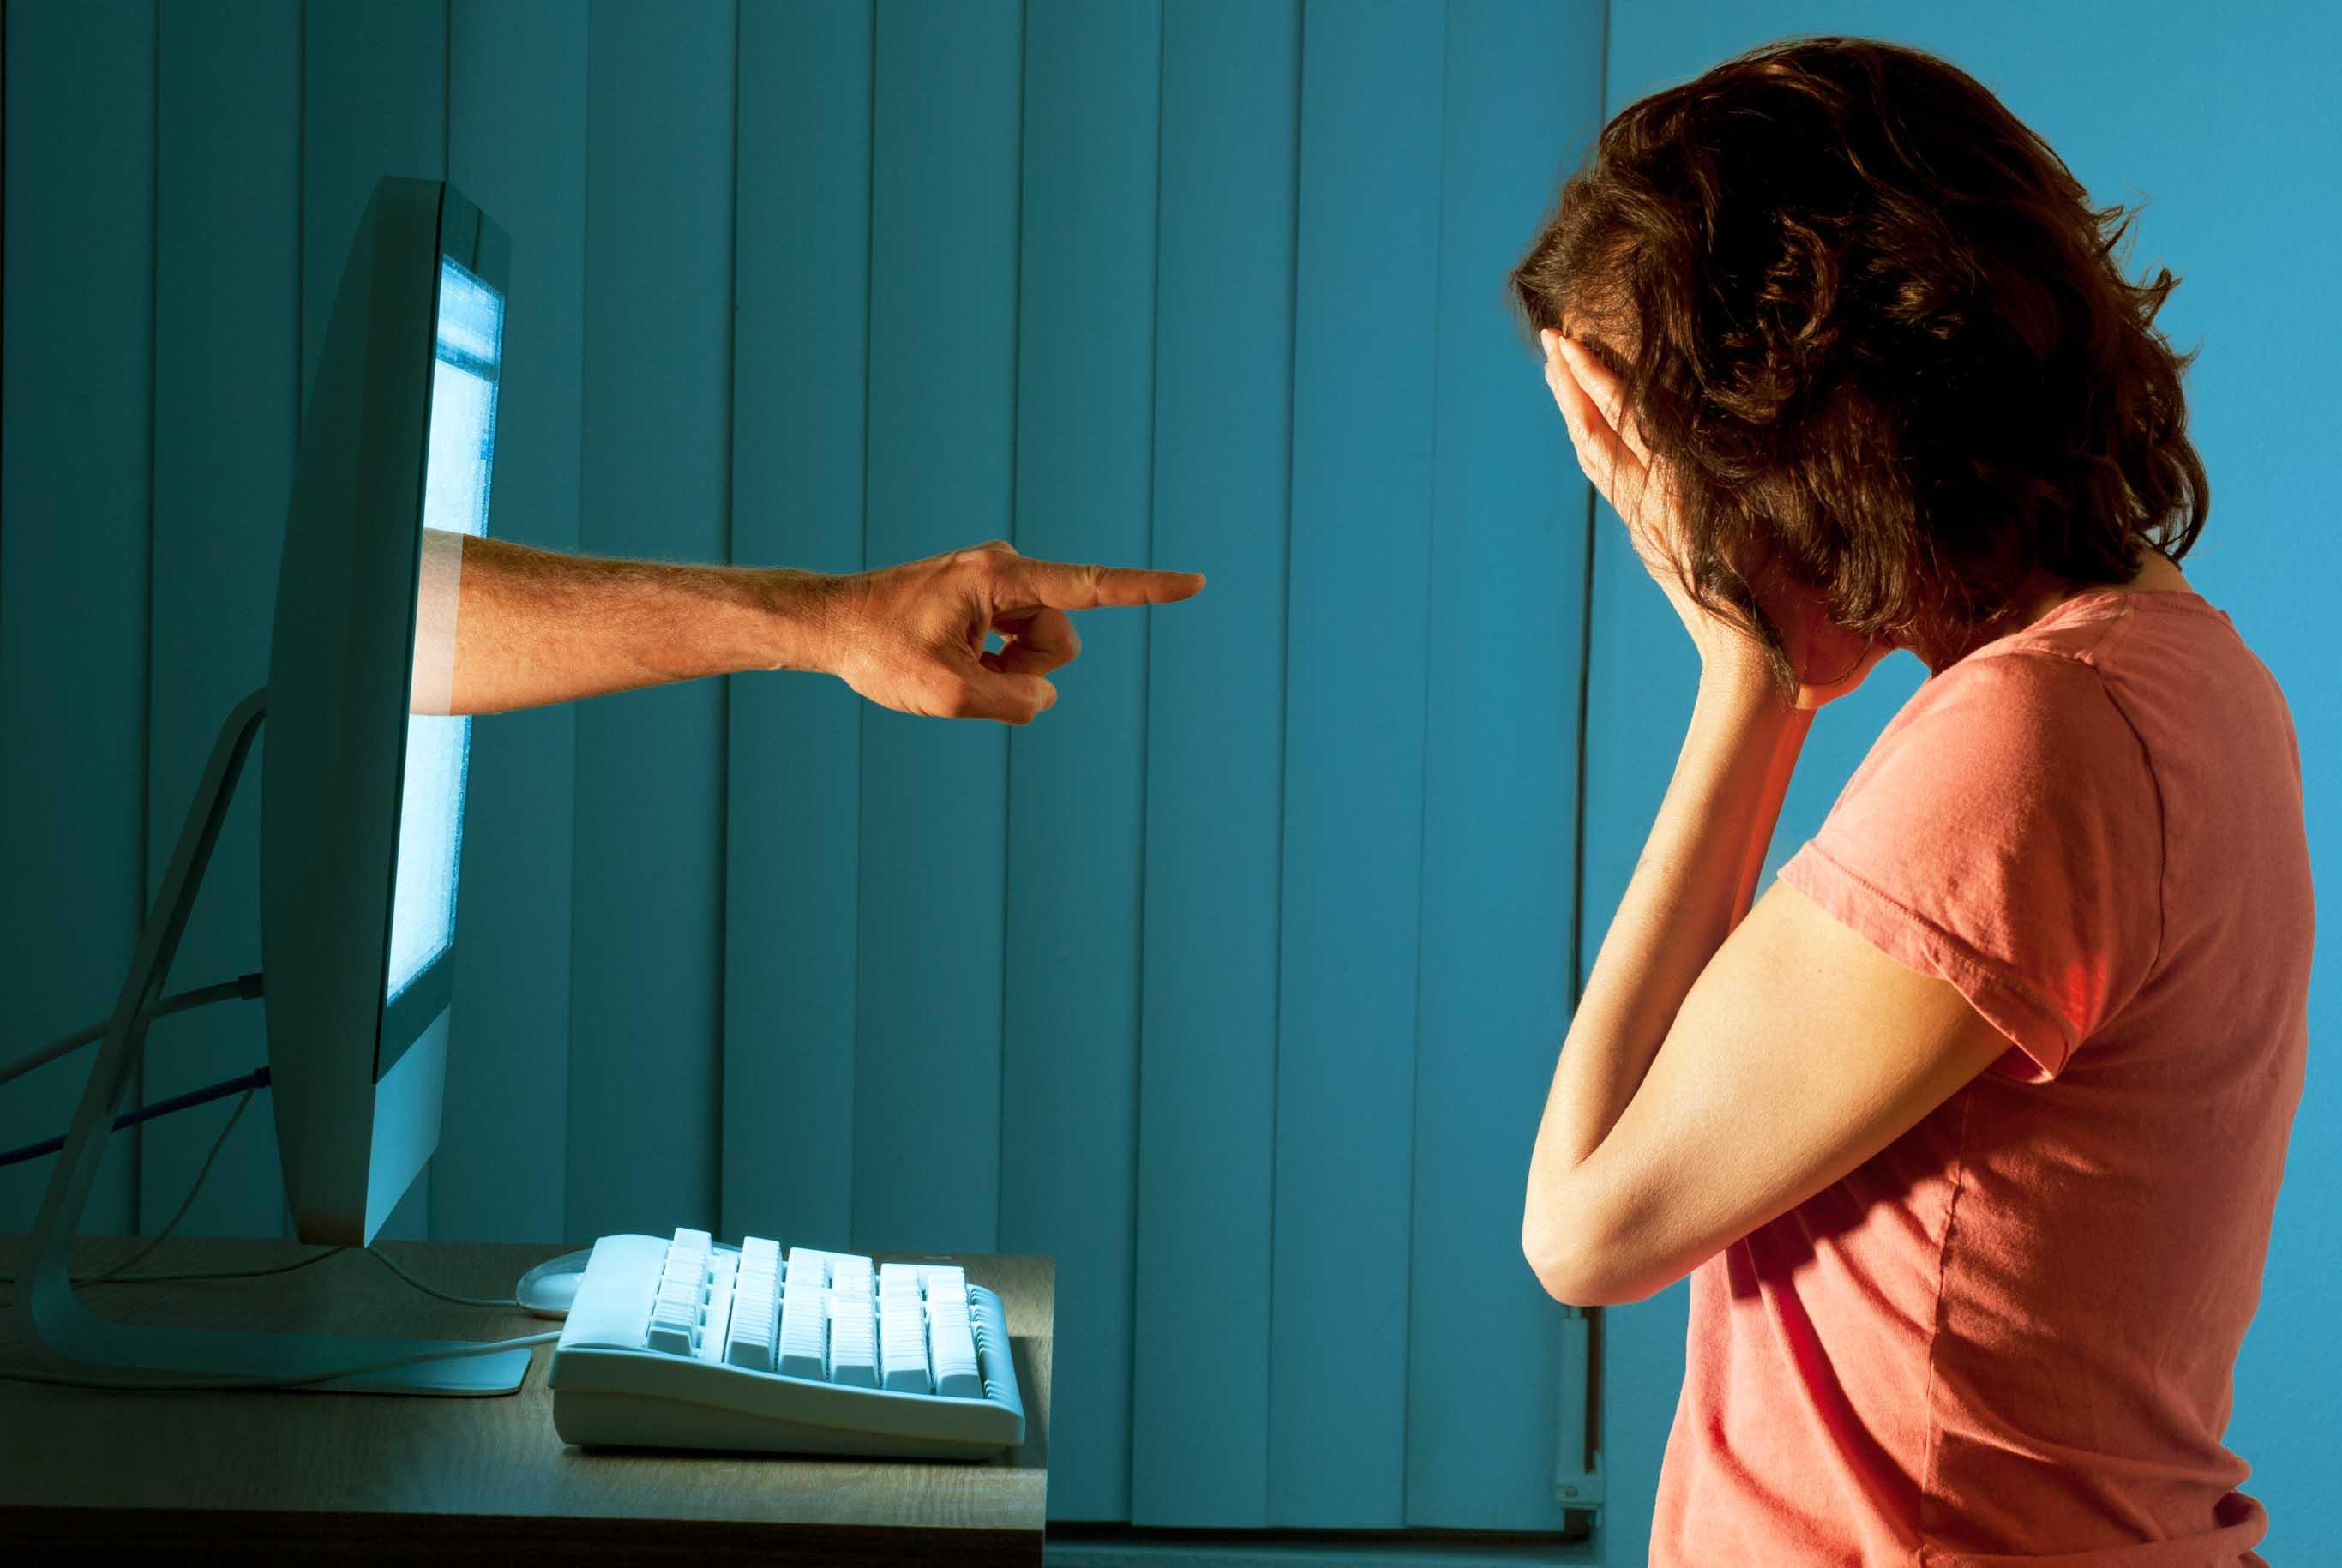 Cos'è il cyberbullismo? Definizione, casi e vittime